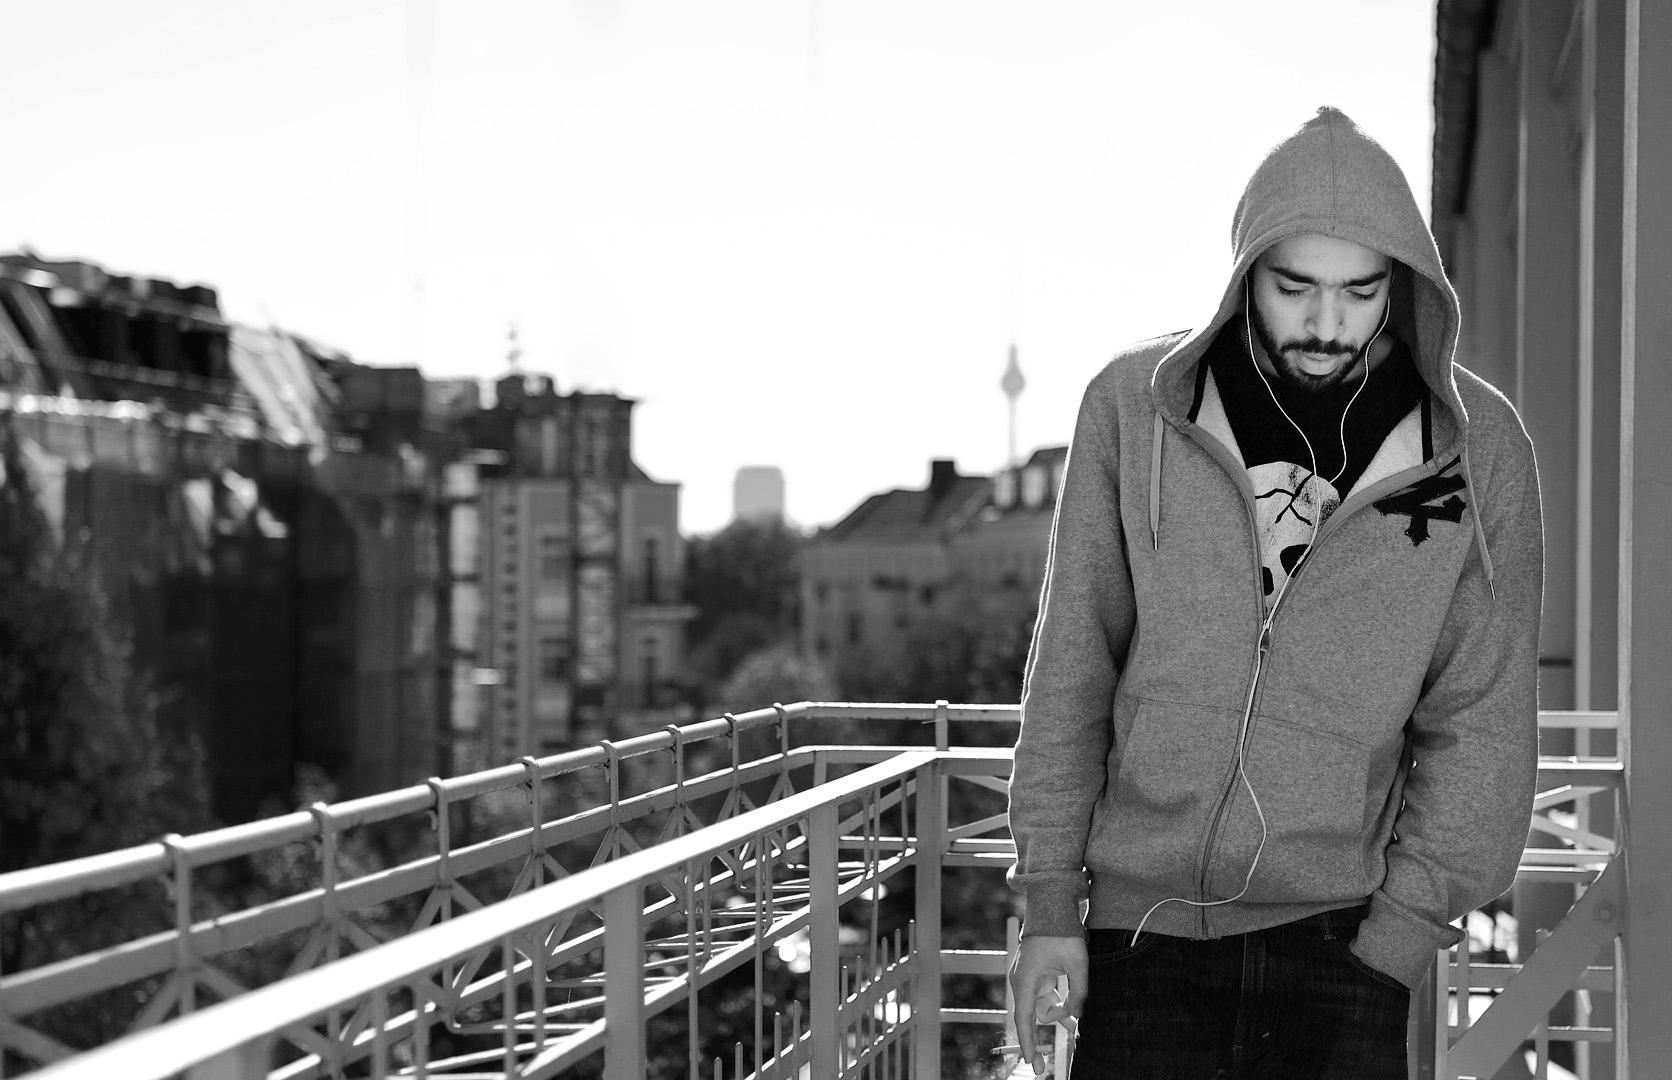 Modefotograf Paris - Shooting für deutsches Streetware Mode Label